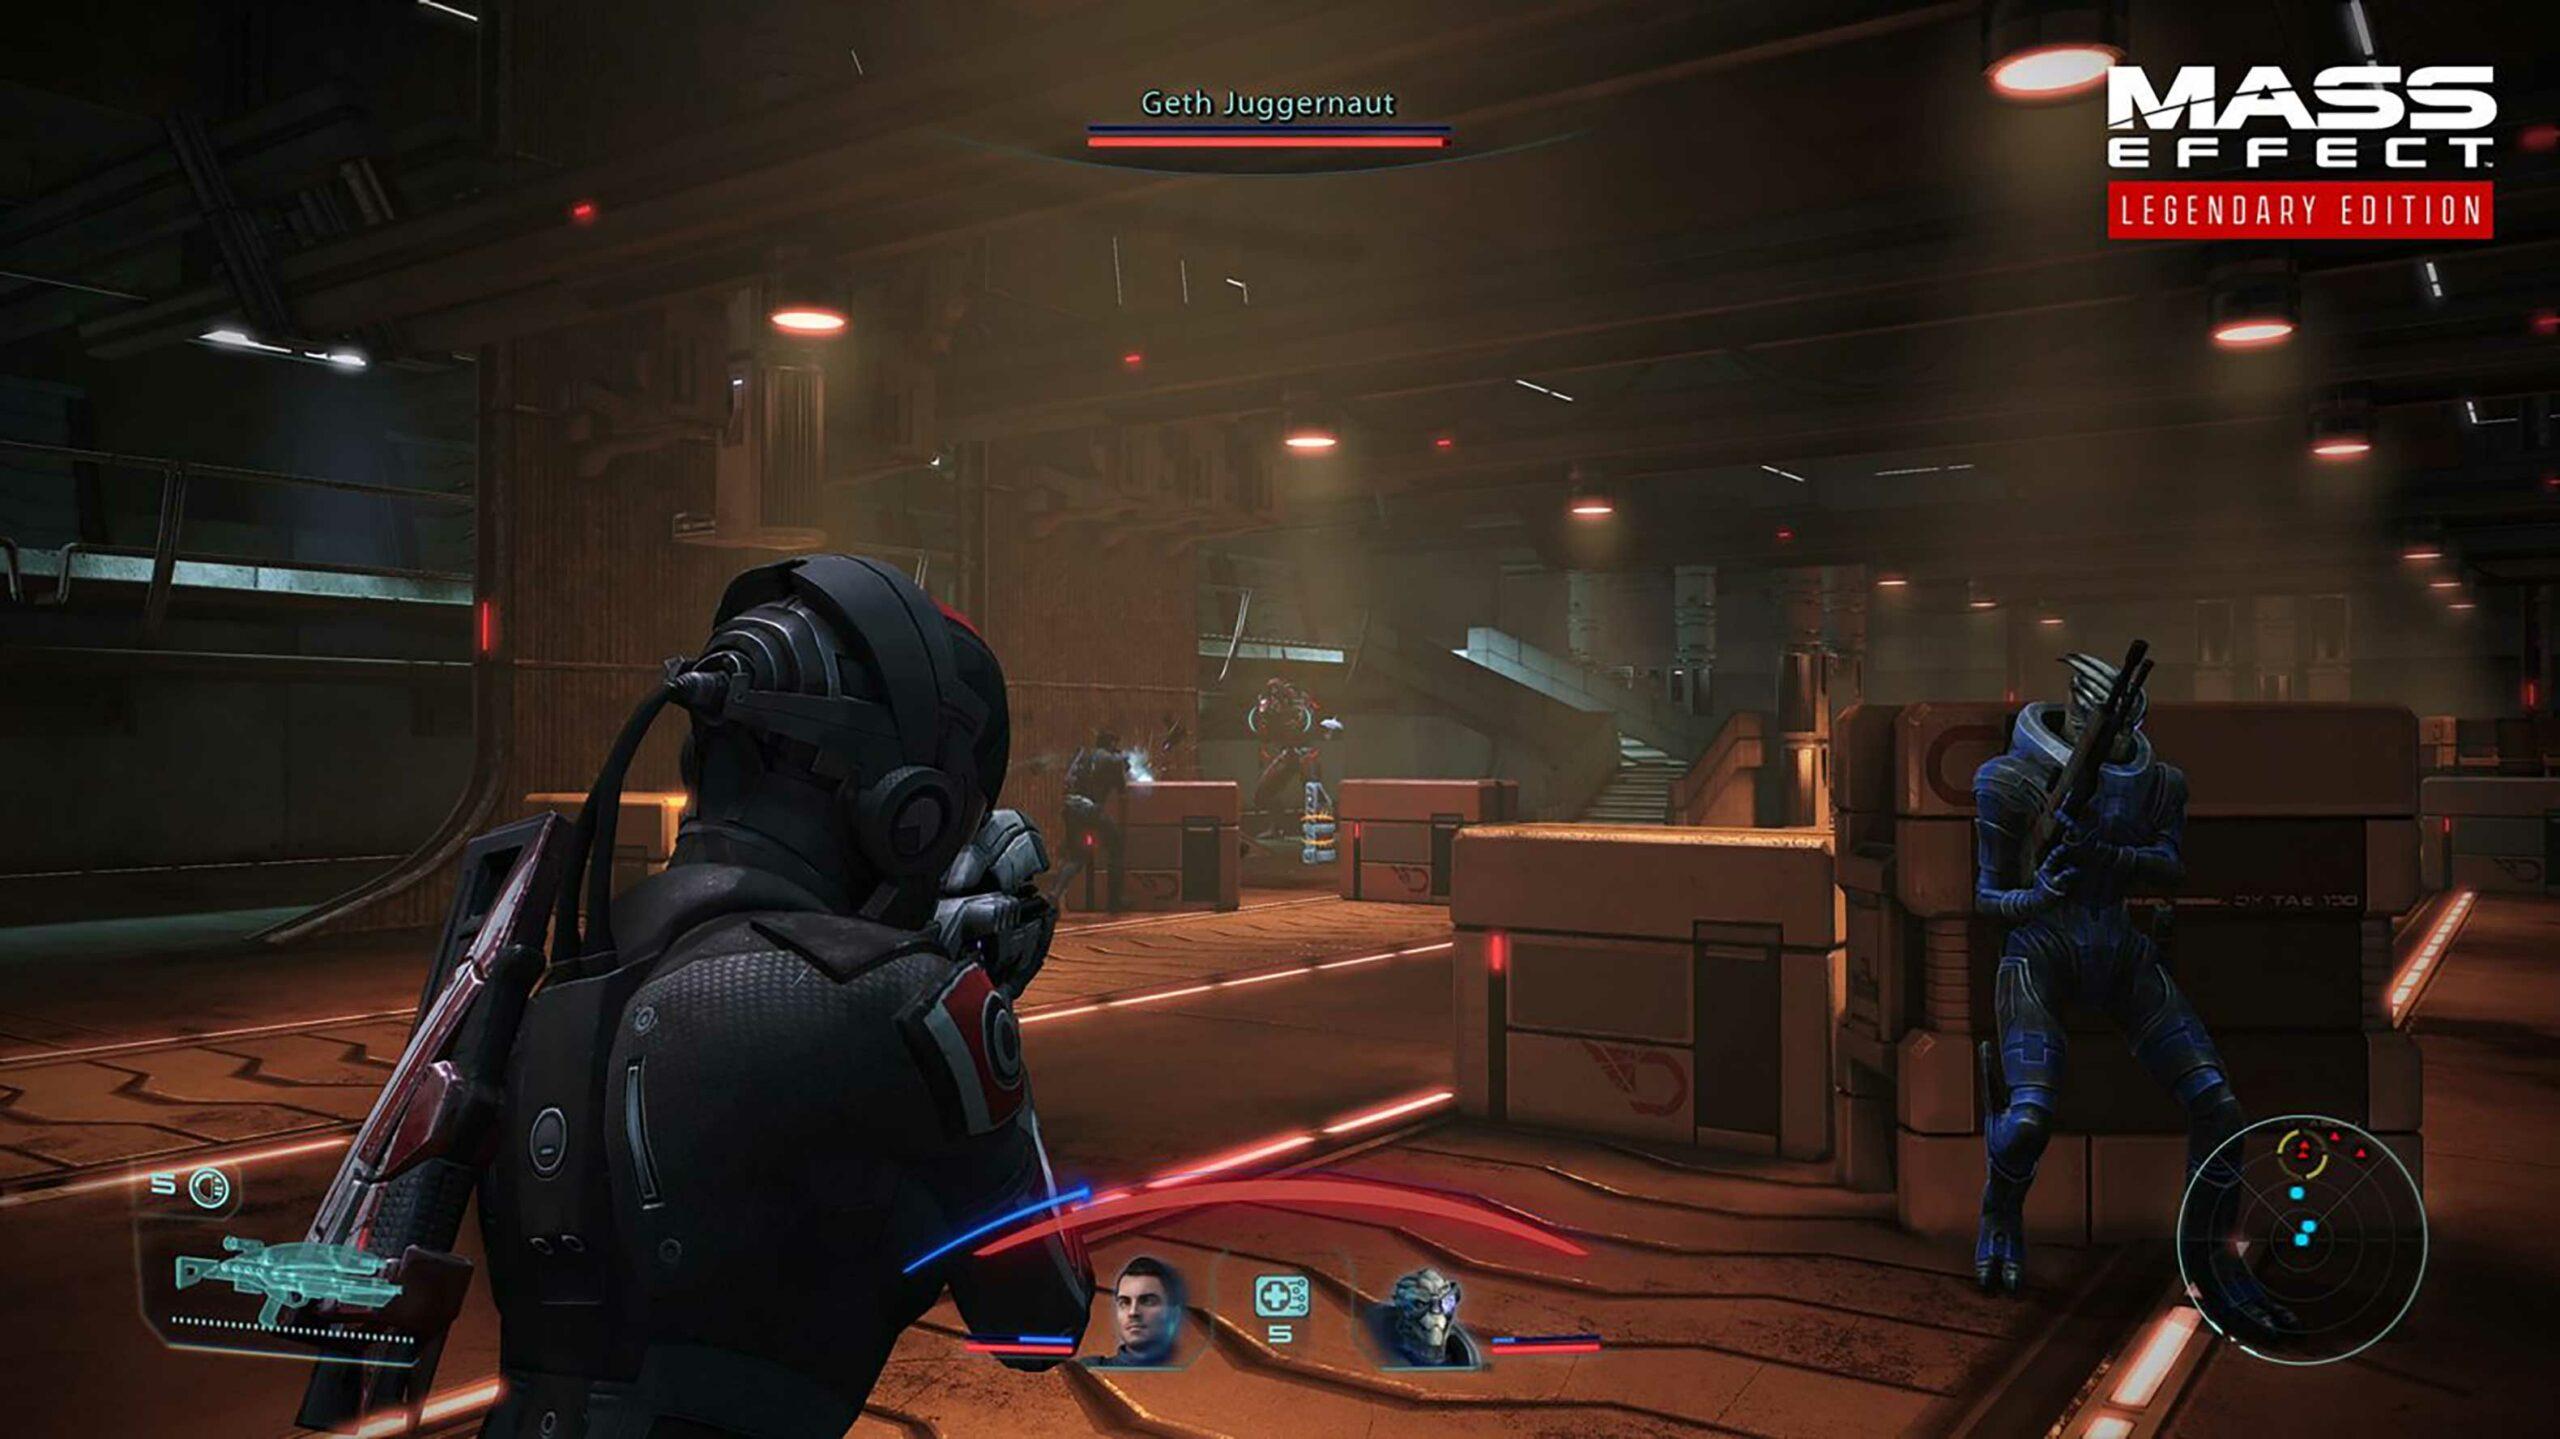 Mass Effect: Legendary Edition combat